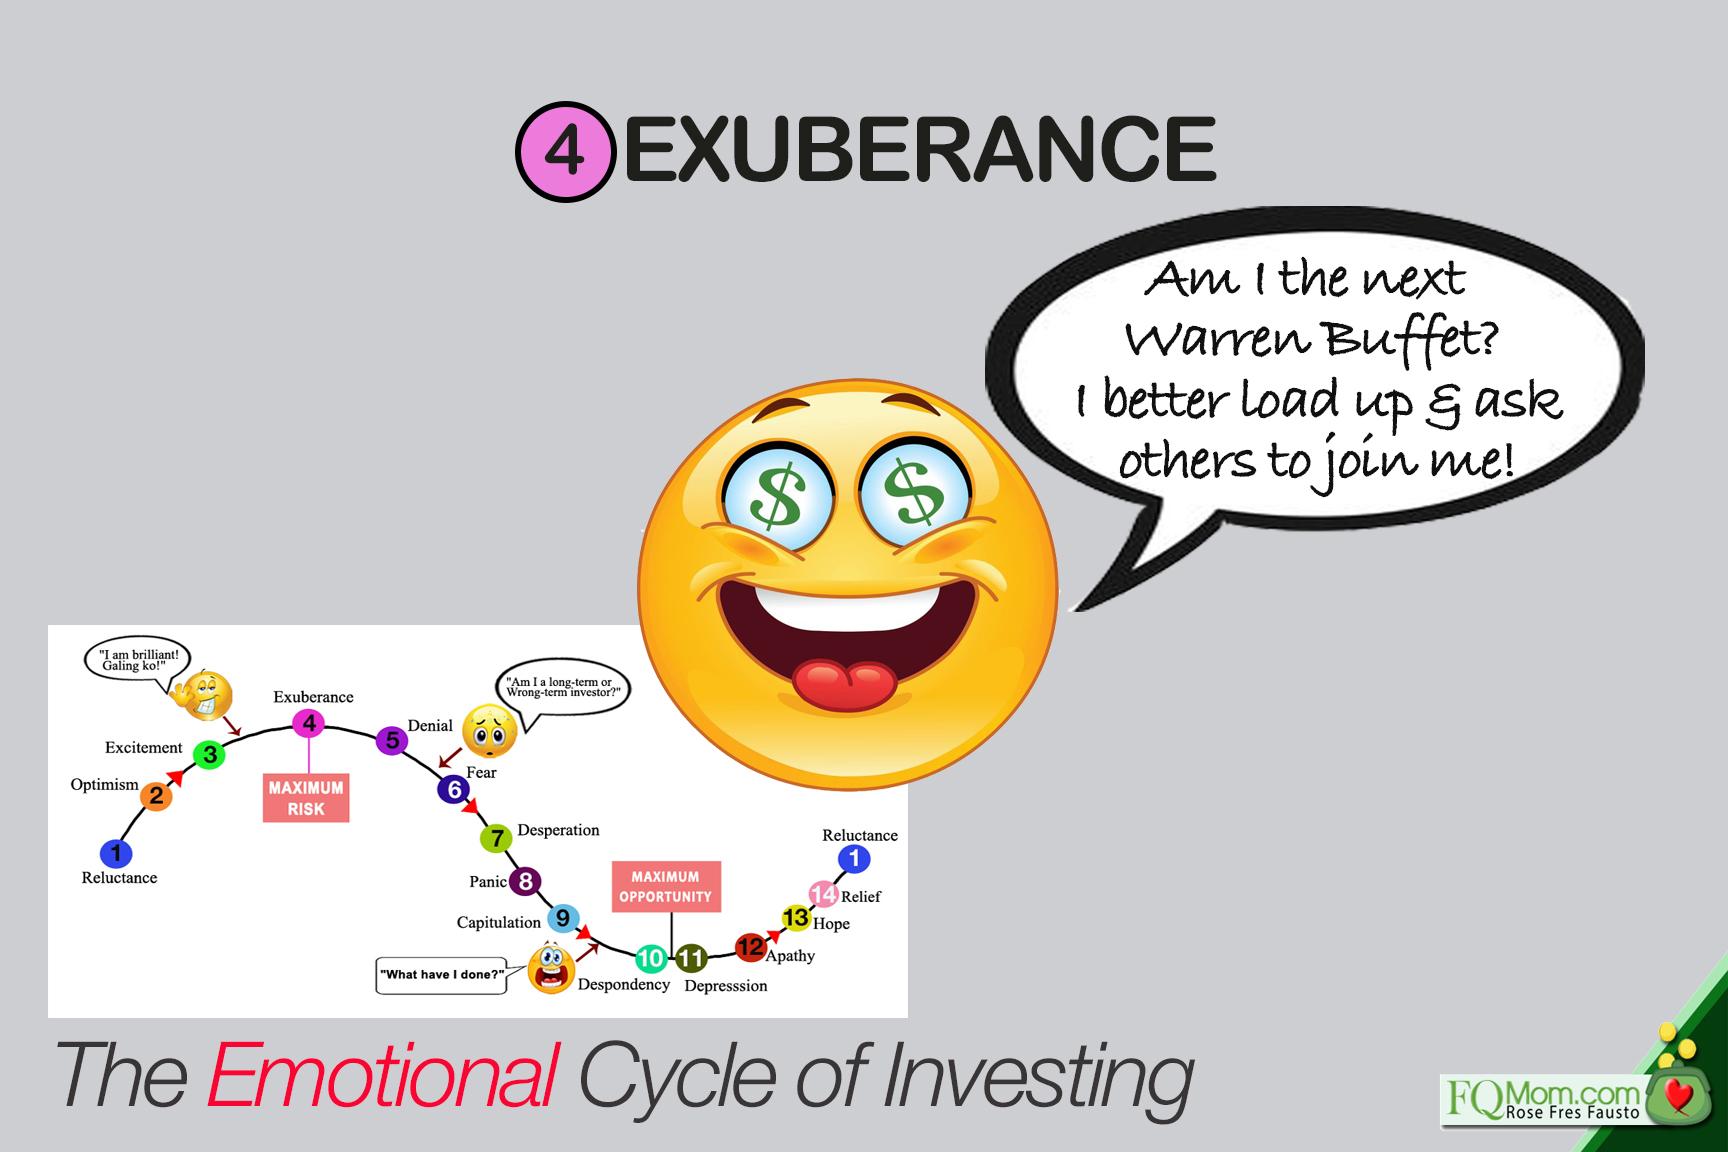 4-exuberance